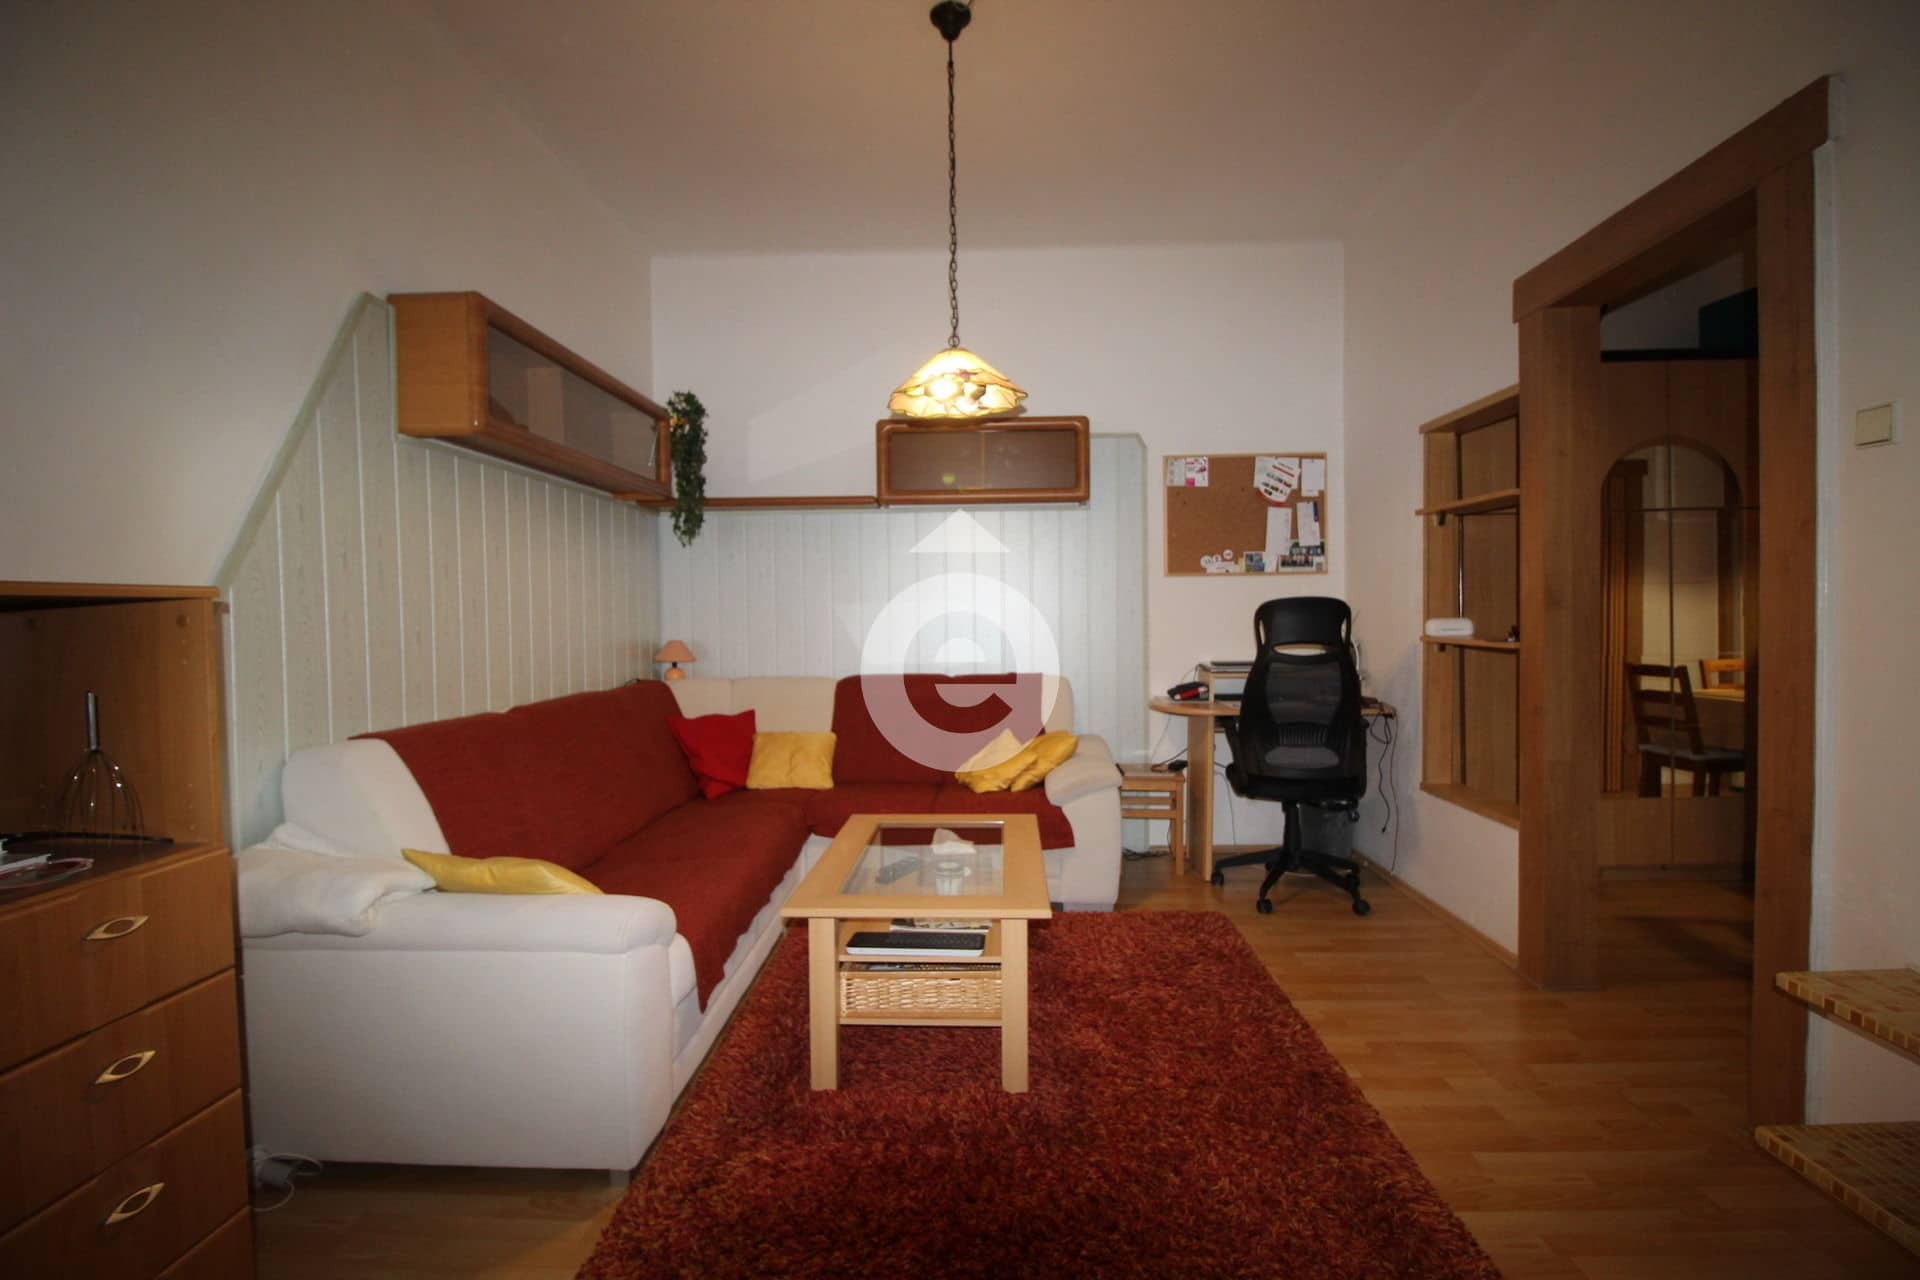 """למכירה בפראג 3 דירת 2+KK בגודל 53 מ""""ר"""